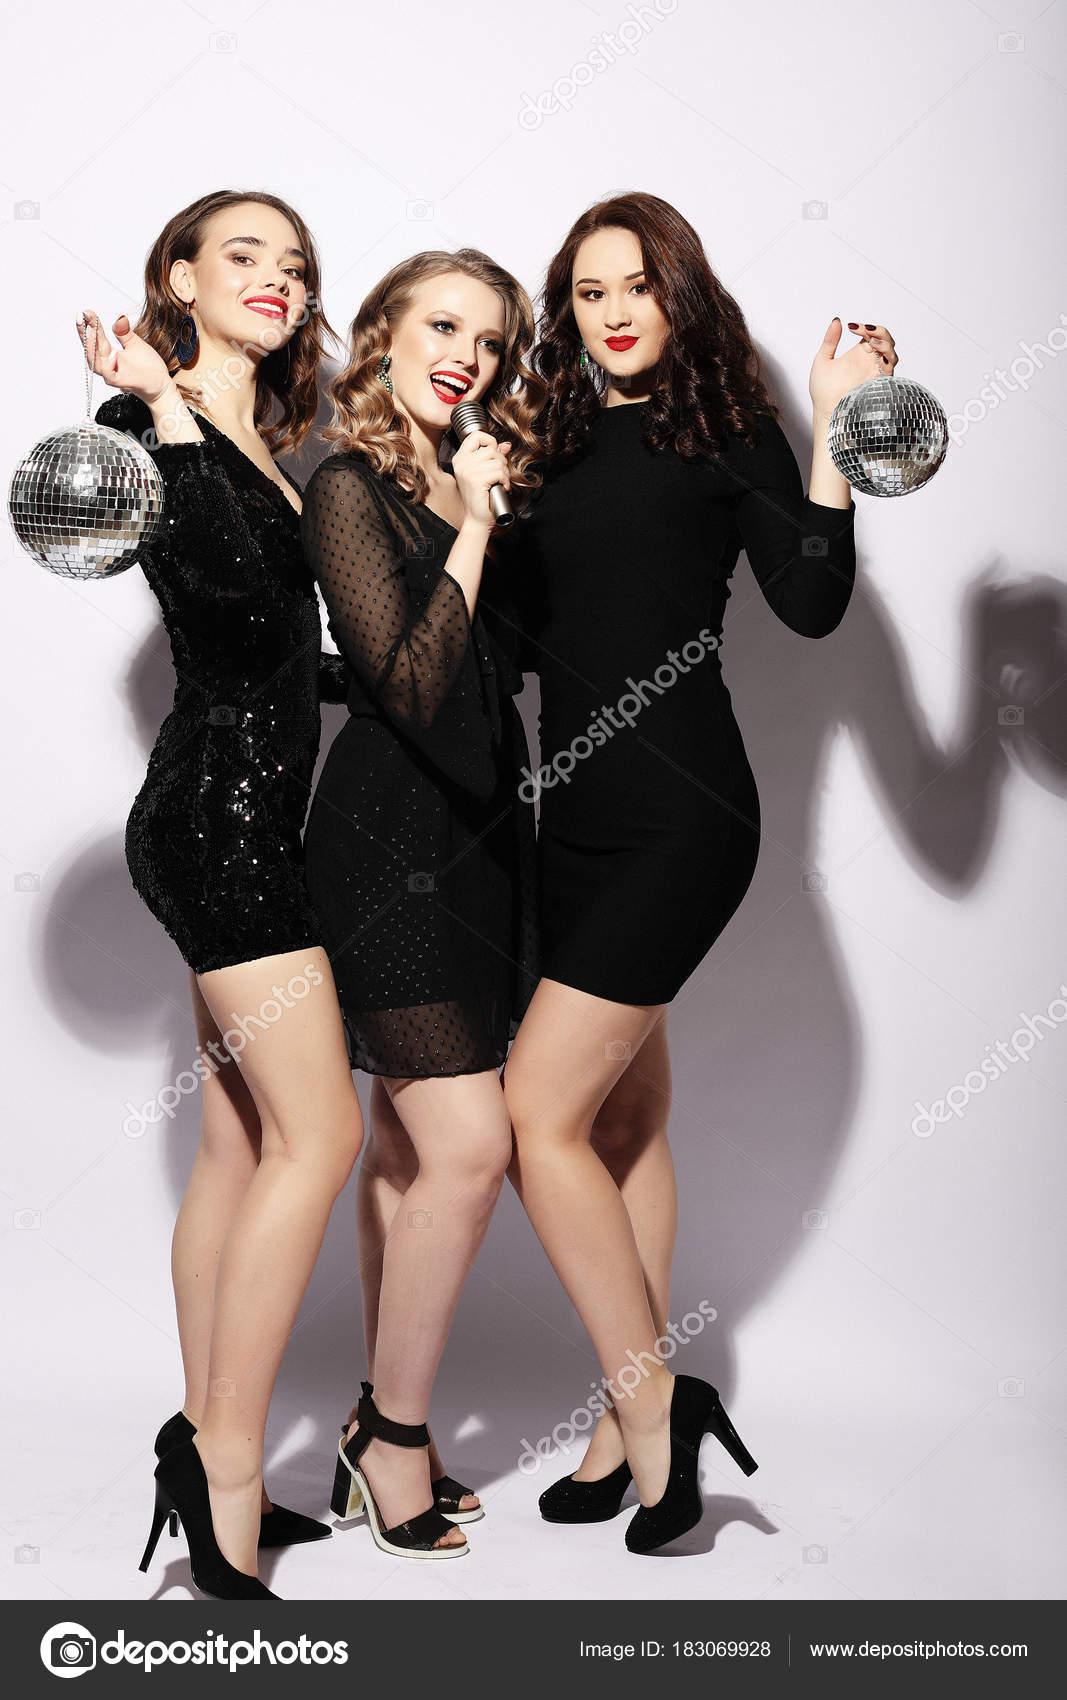 Junge Frauen In Wunderschöne Kleider Festliche Singen Karaoke NnPwO80Xk